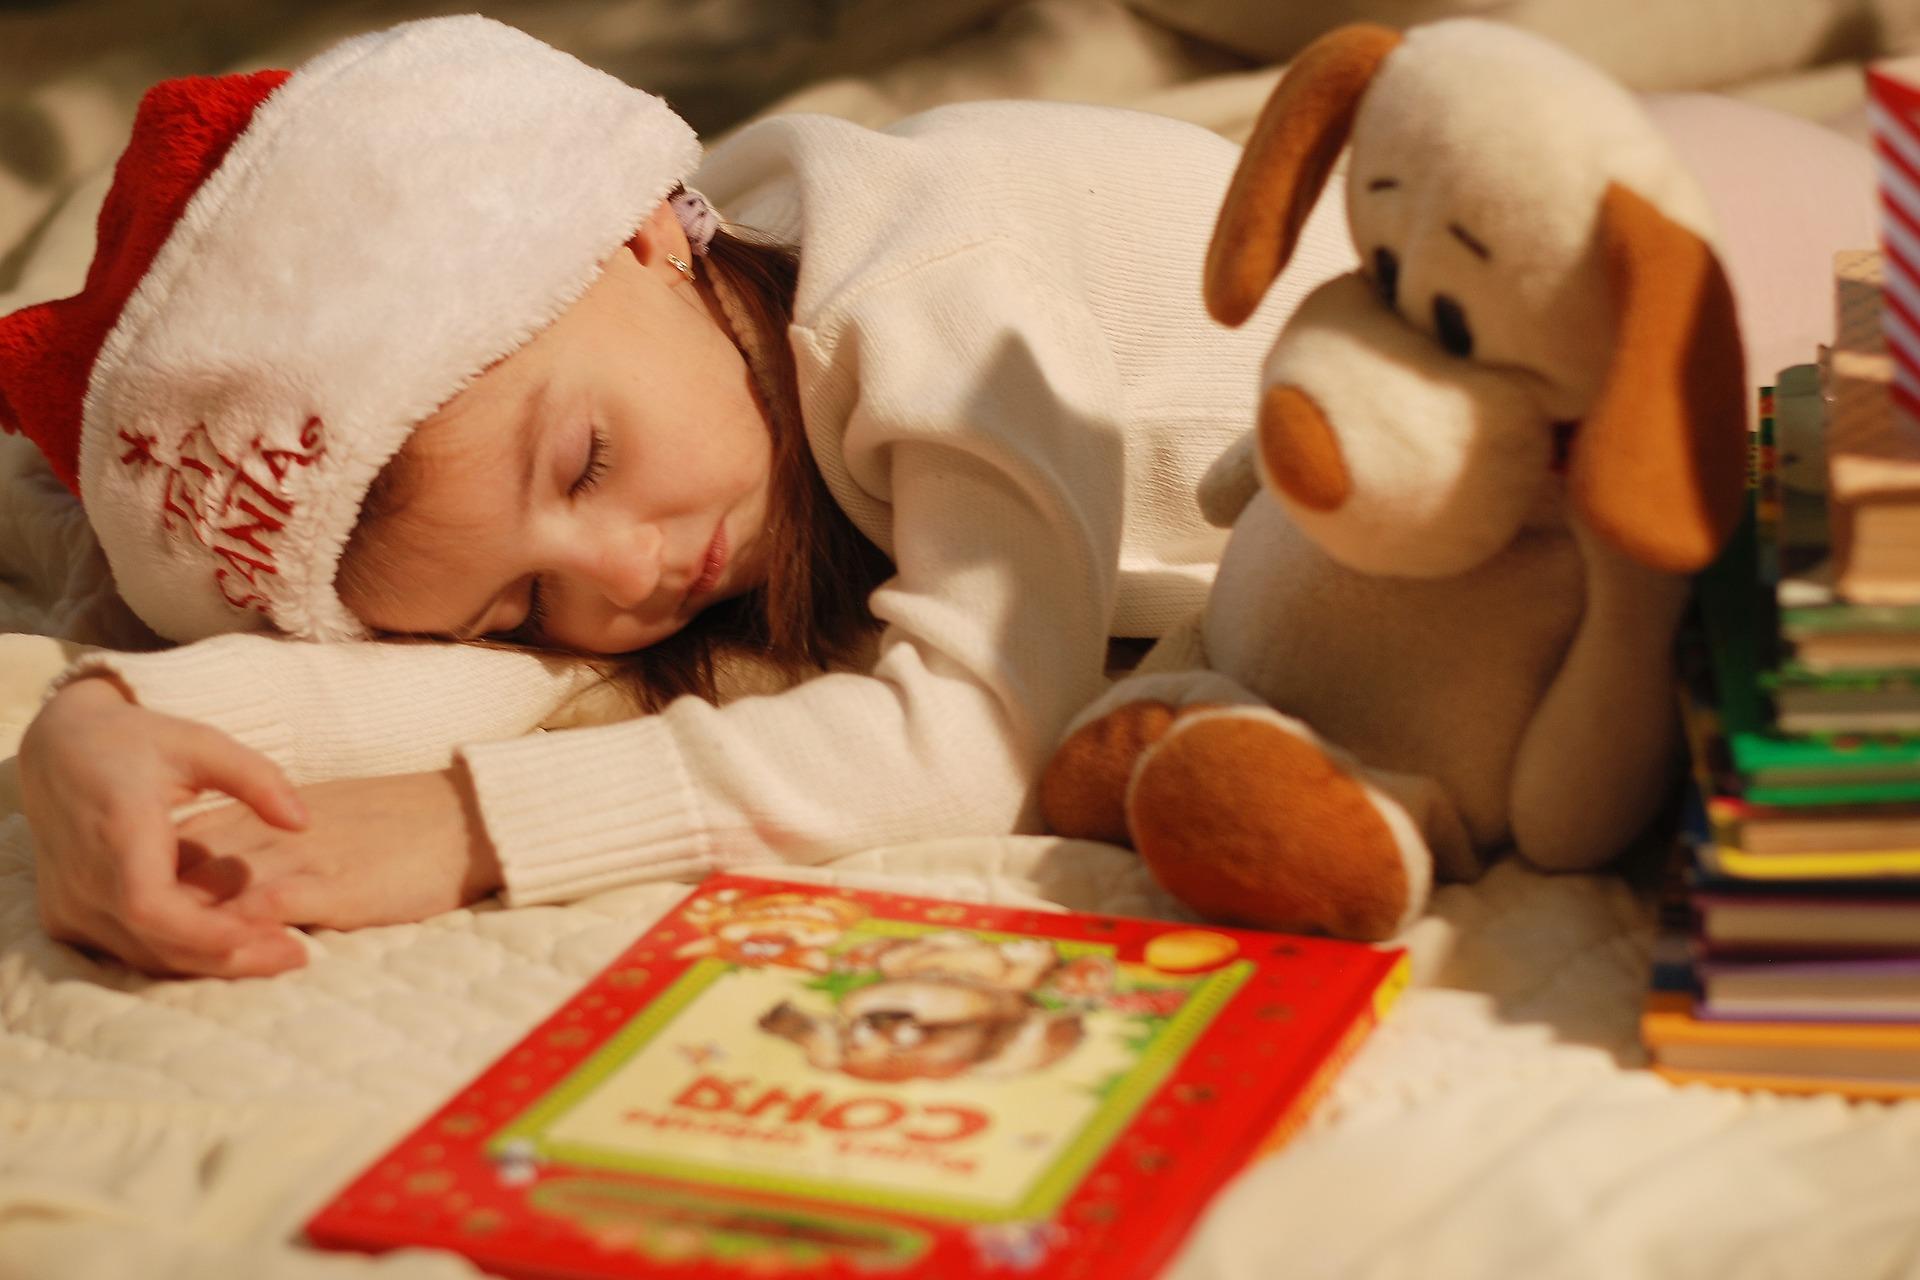 クリスマスの絵本/幼稚園児には何が人気?3〜6歳、年齢別のおすすめ紹介!